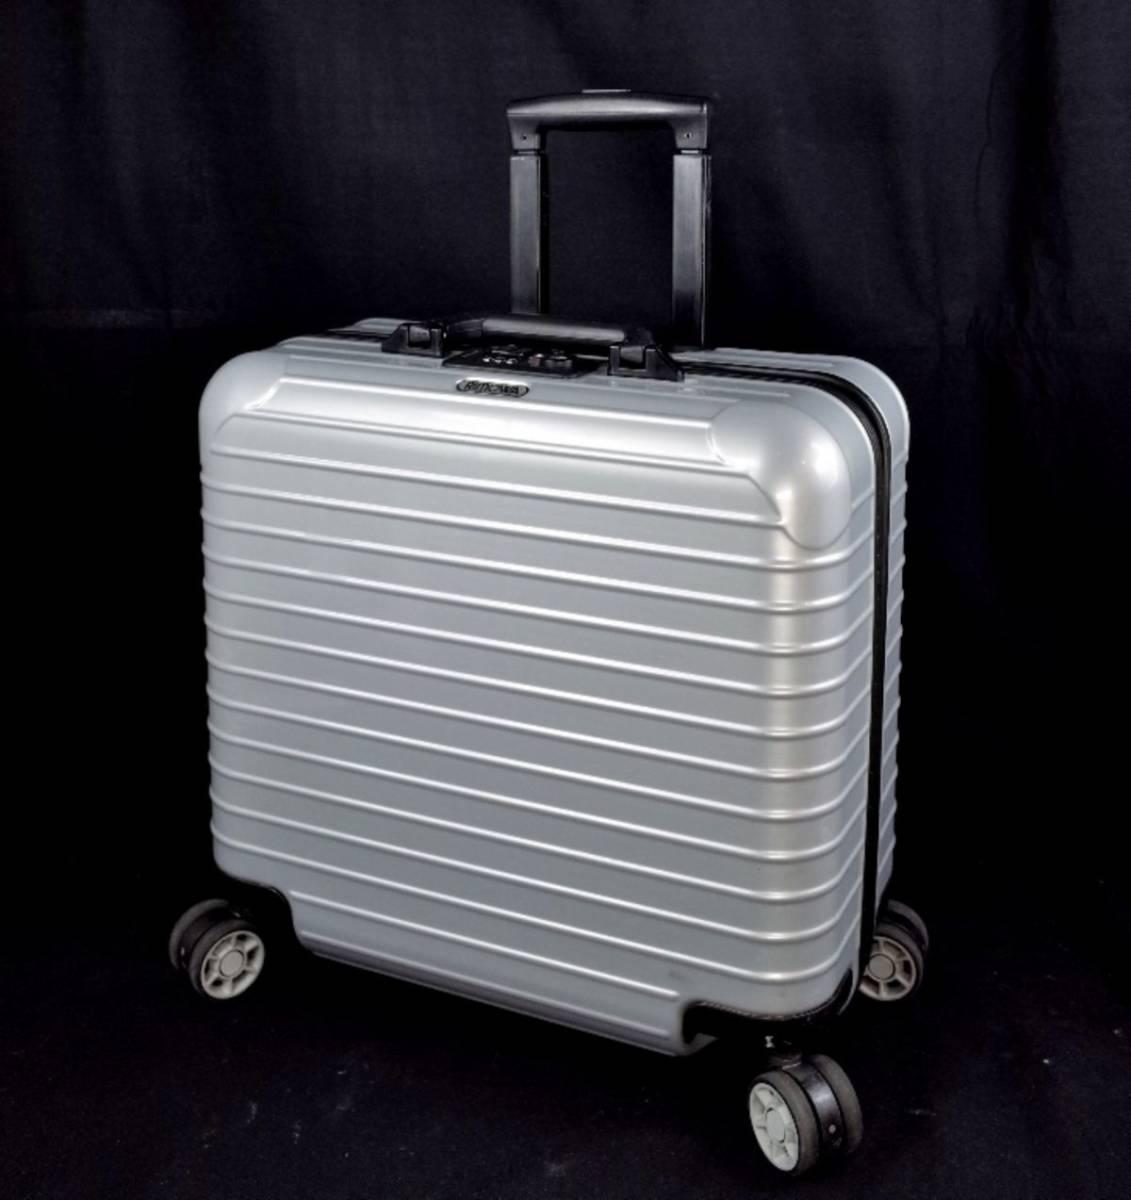 RIMOWA リモワ 844.40『SALSA サルサ』 ビジネス トローリー 4輪 TSAロック 27L(人気完売色:クラッシックシルバー) 美品  _画像1